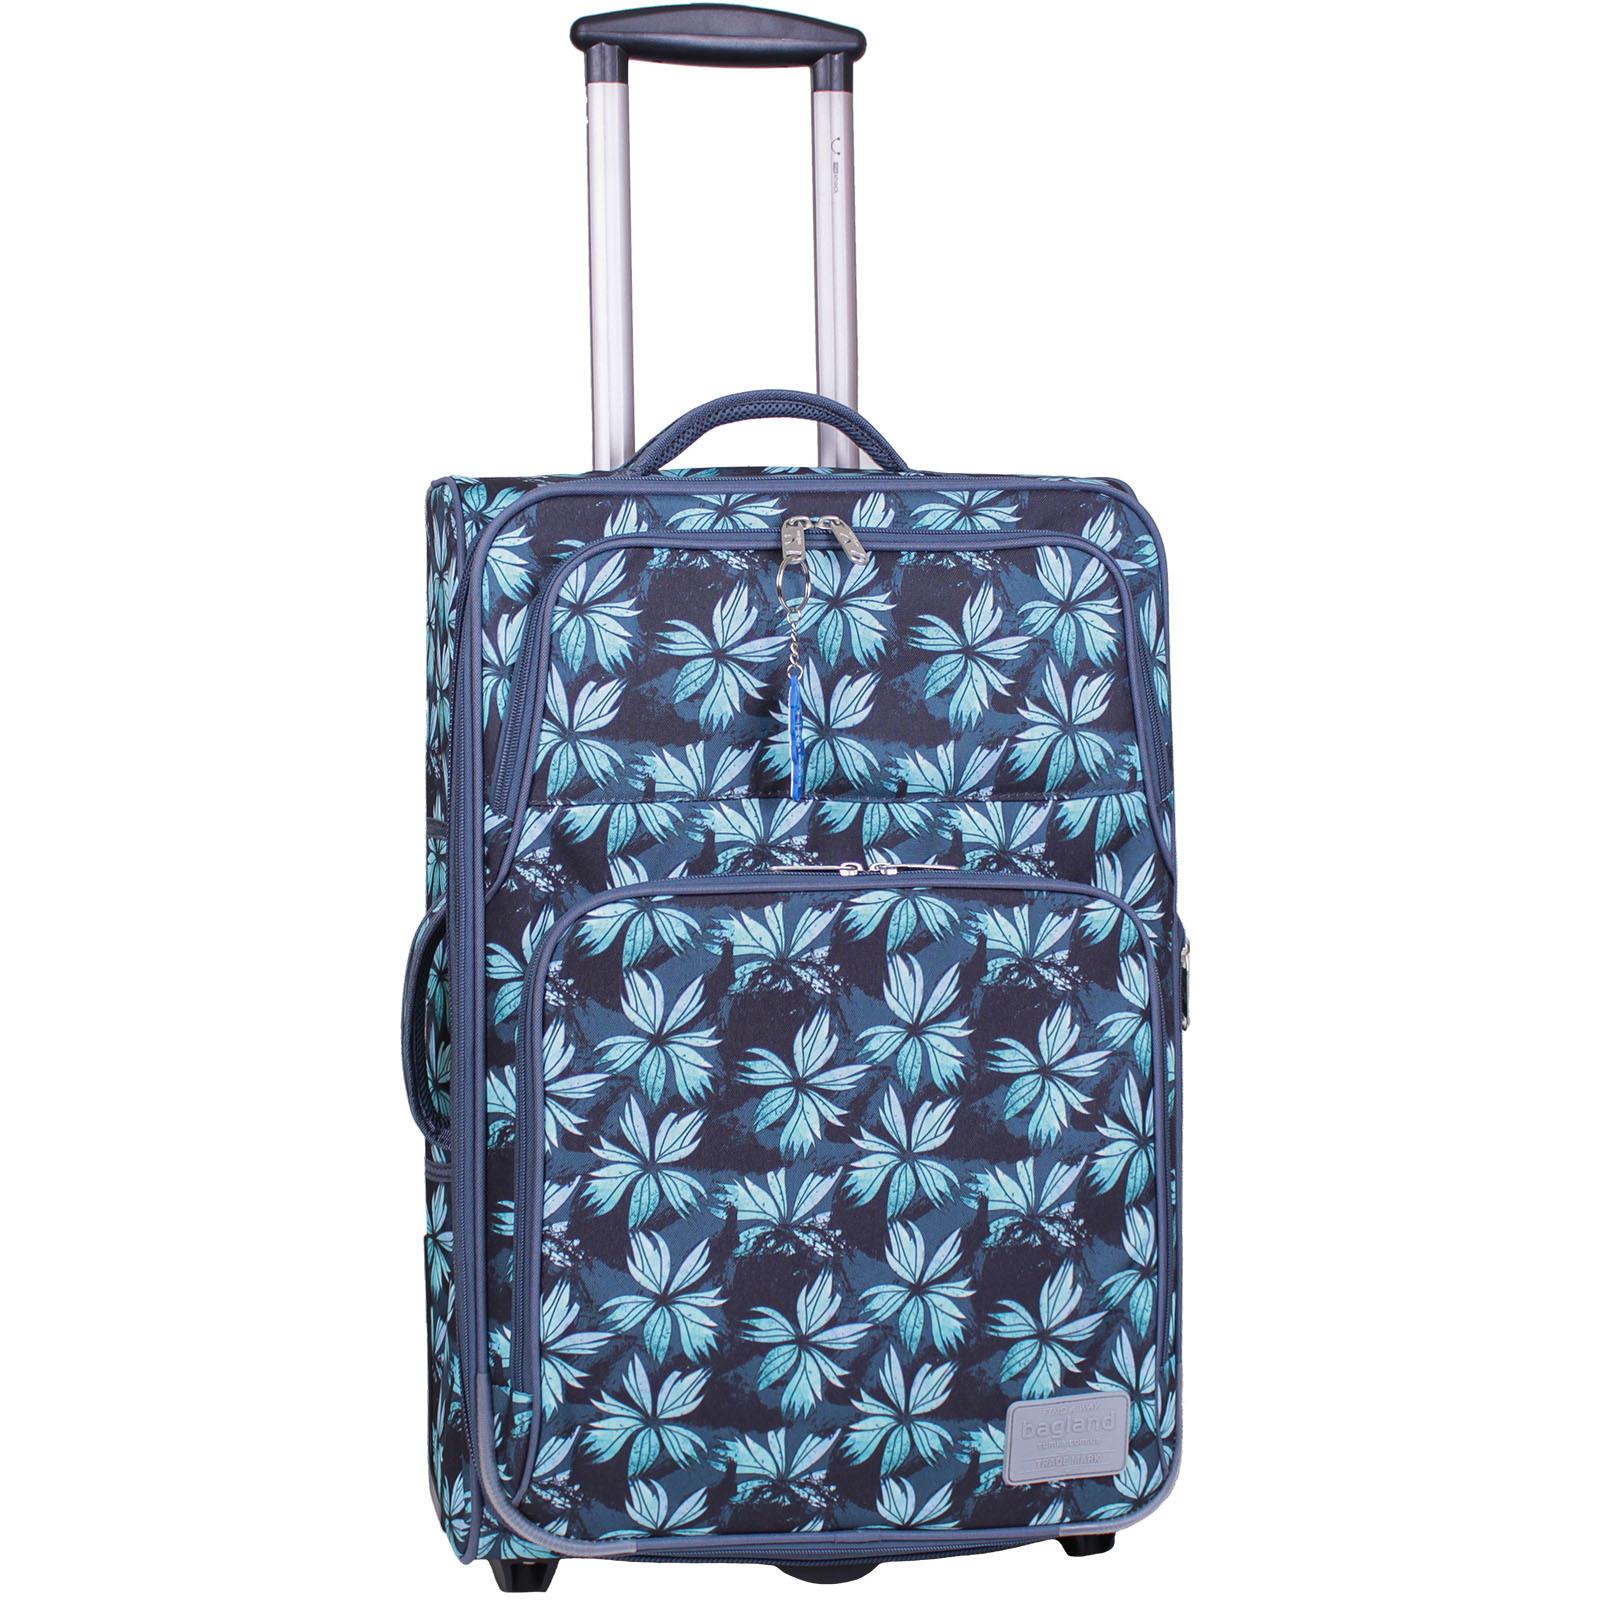 Дорожные чемоданы Чемодан Bagland Леон средний дизайн 51 л. сублимация (листья) (0037666244) IMG_6778-1600.jpg